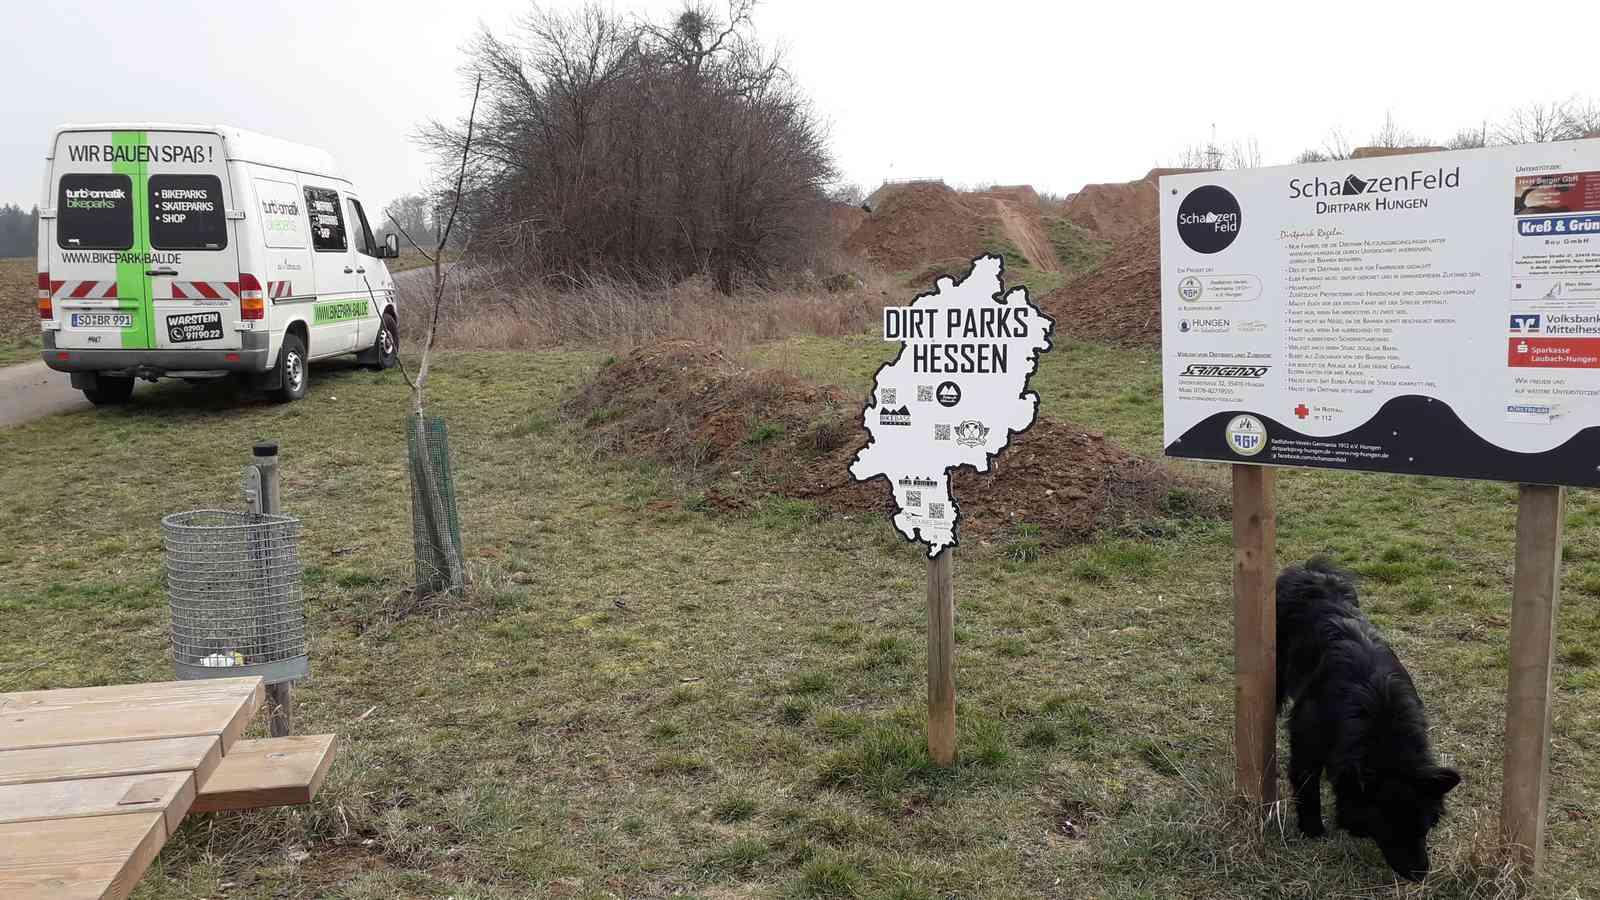 Schanzenfeld Hungen Dirtpark Hessen Mtb Schanze 04